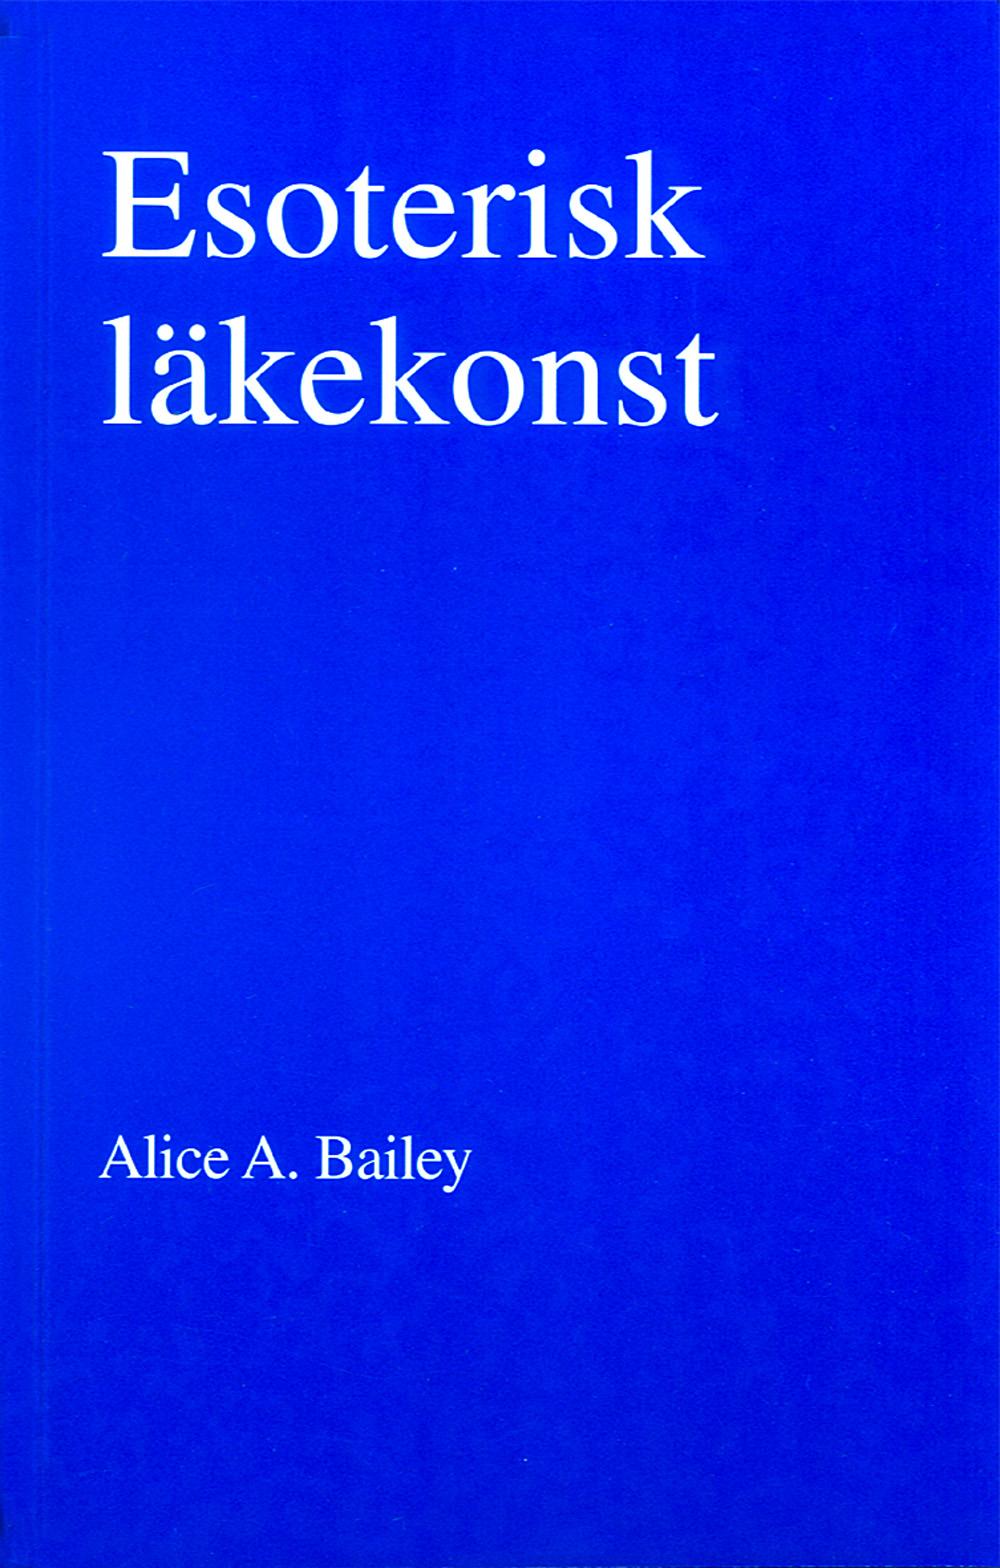 Esoterisk läkekonst (2u) av Alice A Bailey